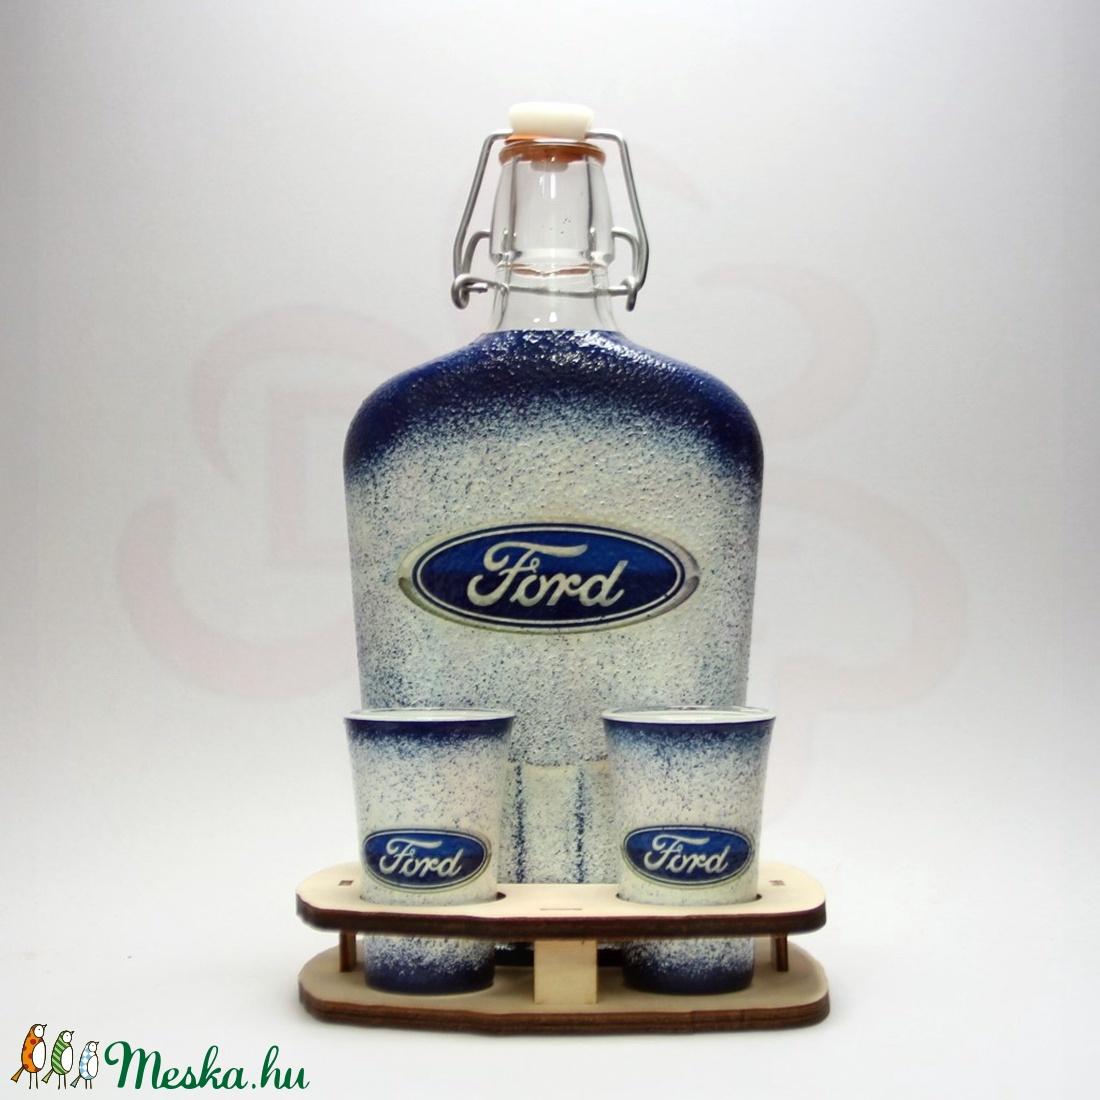 FORD márkás pálinkás készlet ; Ford rajongóknak - Meska.hu